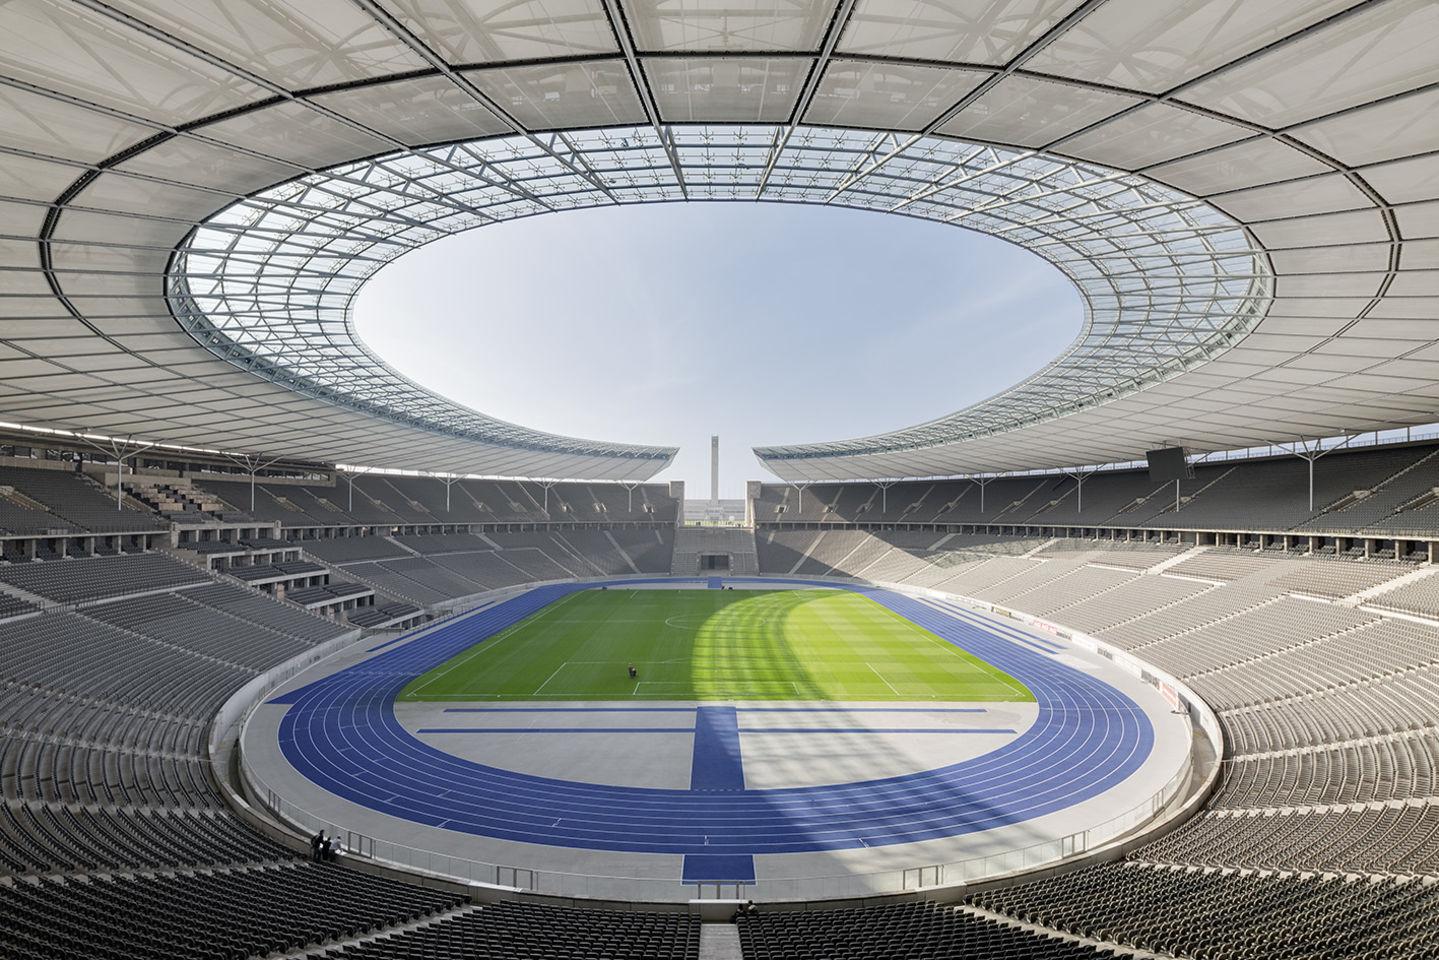 Gmp-Architekten-Von-Gerkan-Marg-und-Partner-Marcus-Bredt-·-Berlin-Olympic-Stadium-·-Divisare-wallpaper-wpc9005542